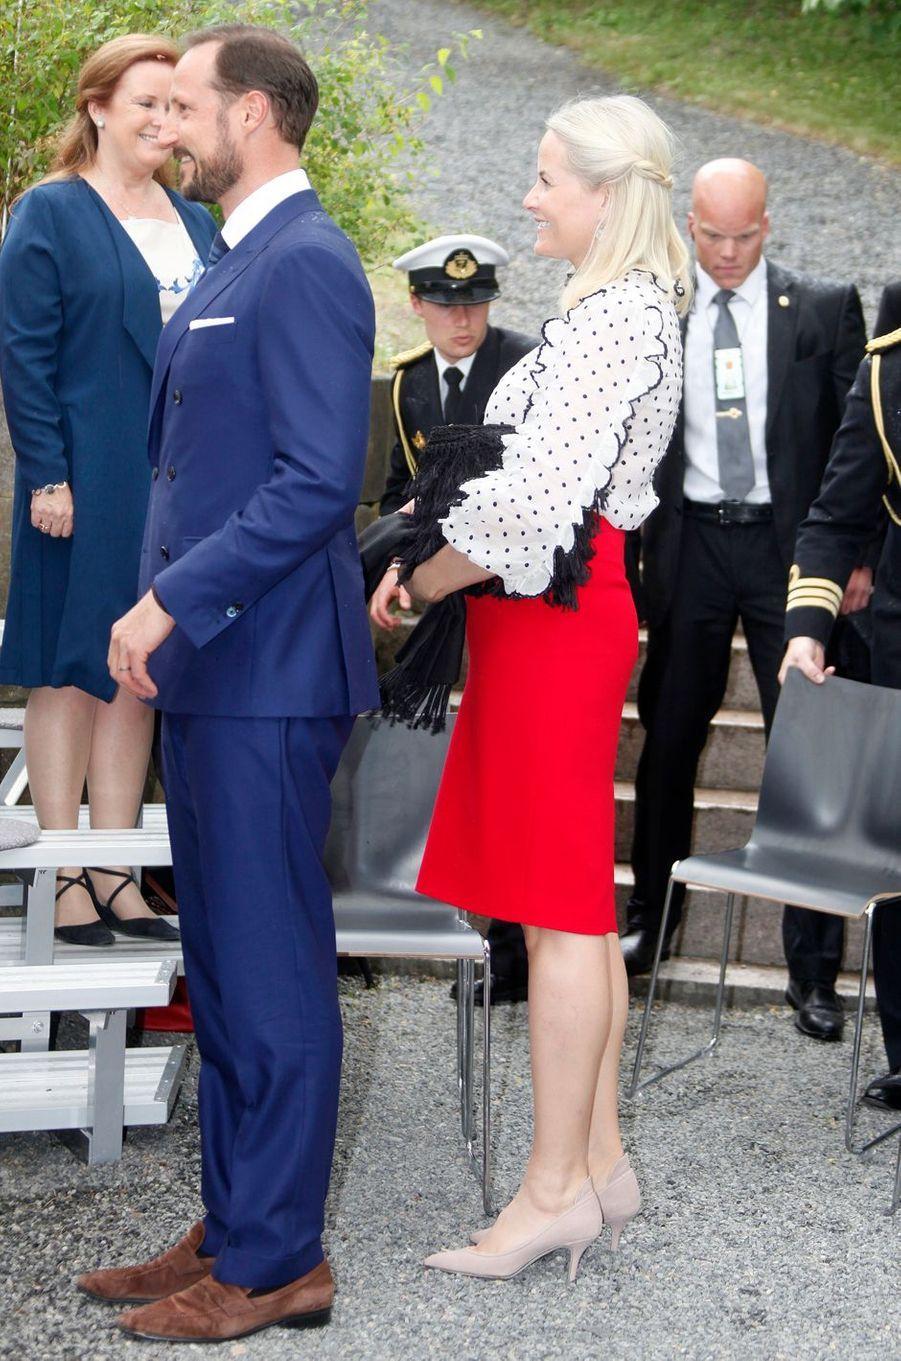 La princesse Mette-Marit et le prince Haakon de Norvège à Oslo, le 7 juin 2016